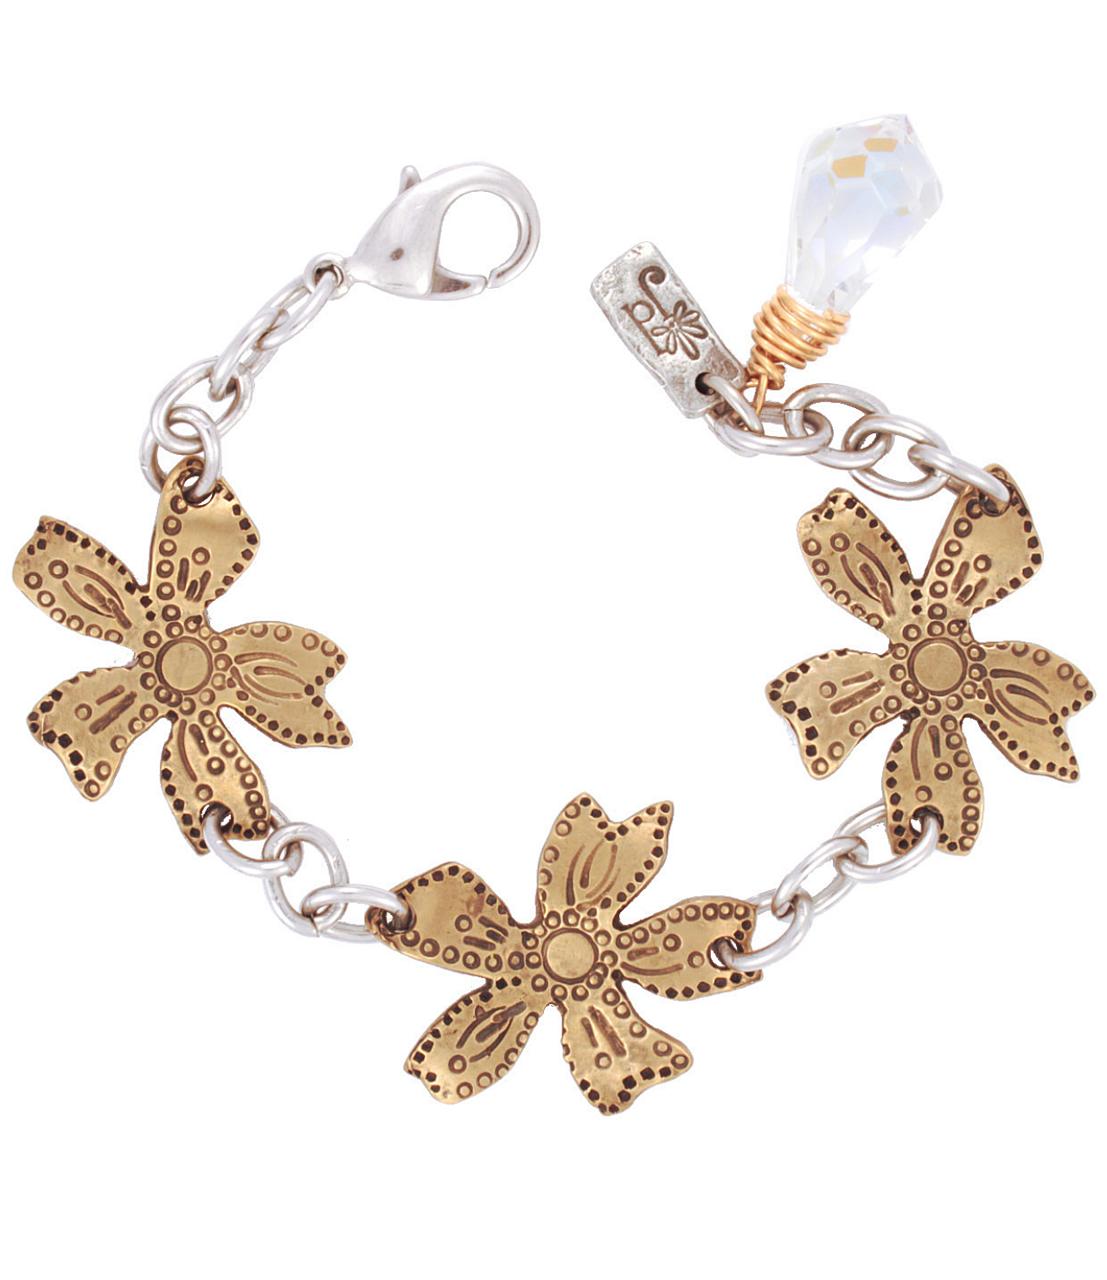 Bronze-wildflower-clear-Swarovski-crystal-statement braclet-on-white-background